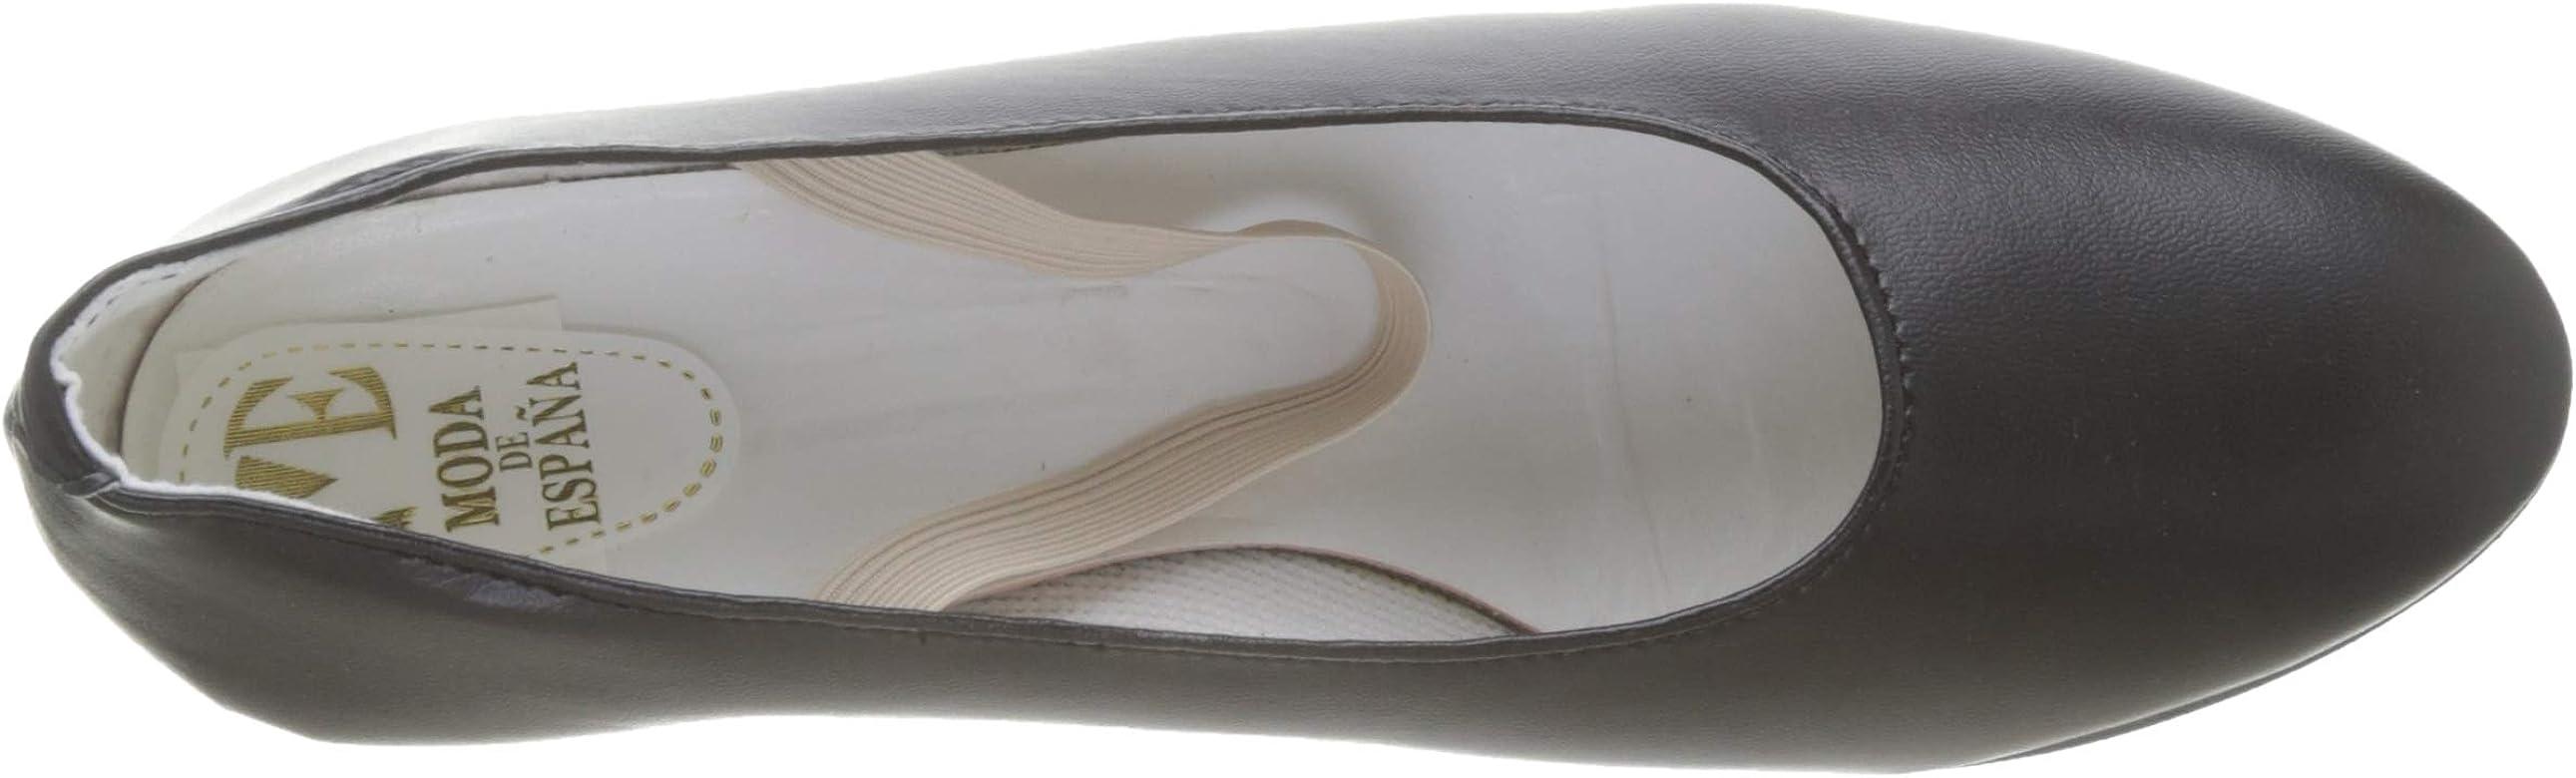 Zapatos Flamenca - Calzado de Danza para Mujer, Color Negro, Talla ...